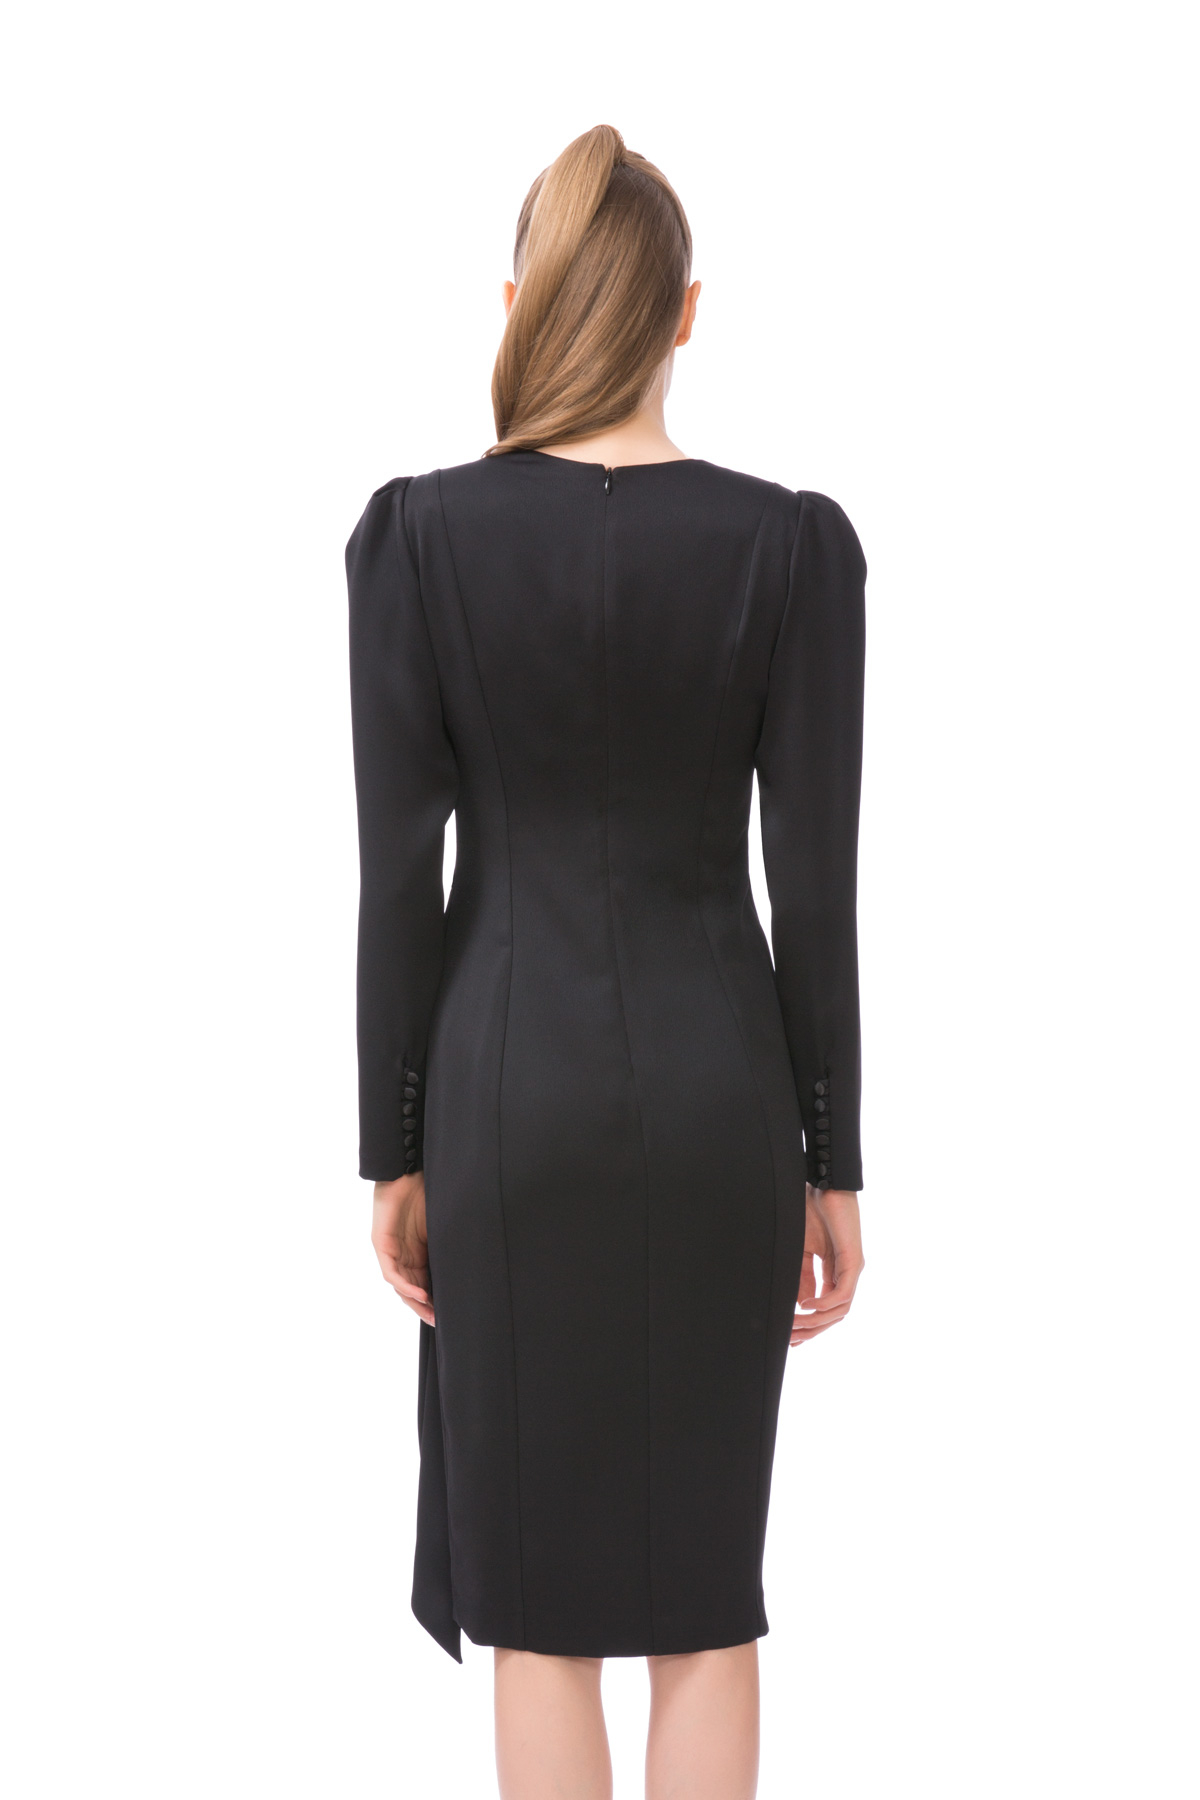 DÜğme Detaylı Karpuz Kol Siyah Midi Elbise